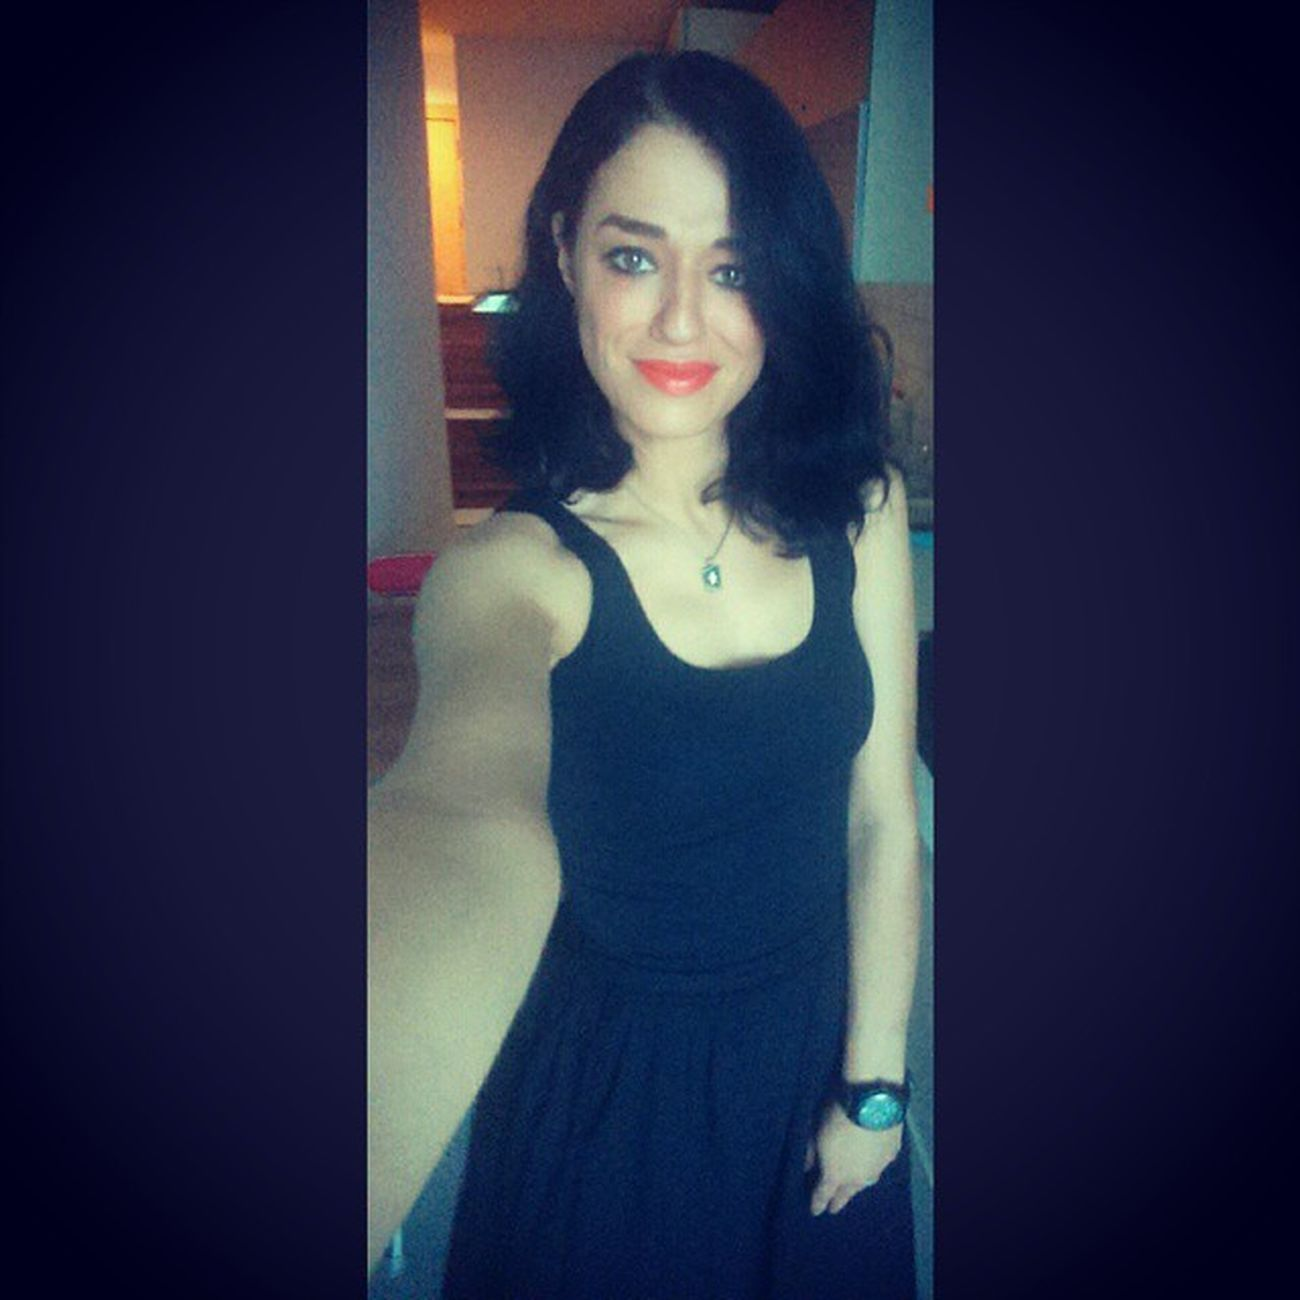 Gunaydin Spor_giyinmeye_paydos Yeni_yönetmelikler Bunalimdayim bağrım_yanıyor instagram kotumu_geri_verin instamobil lifeisgrey ????????